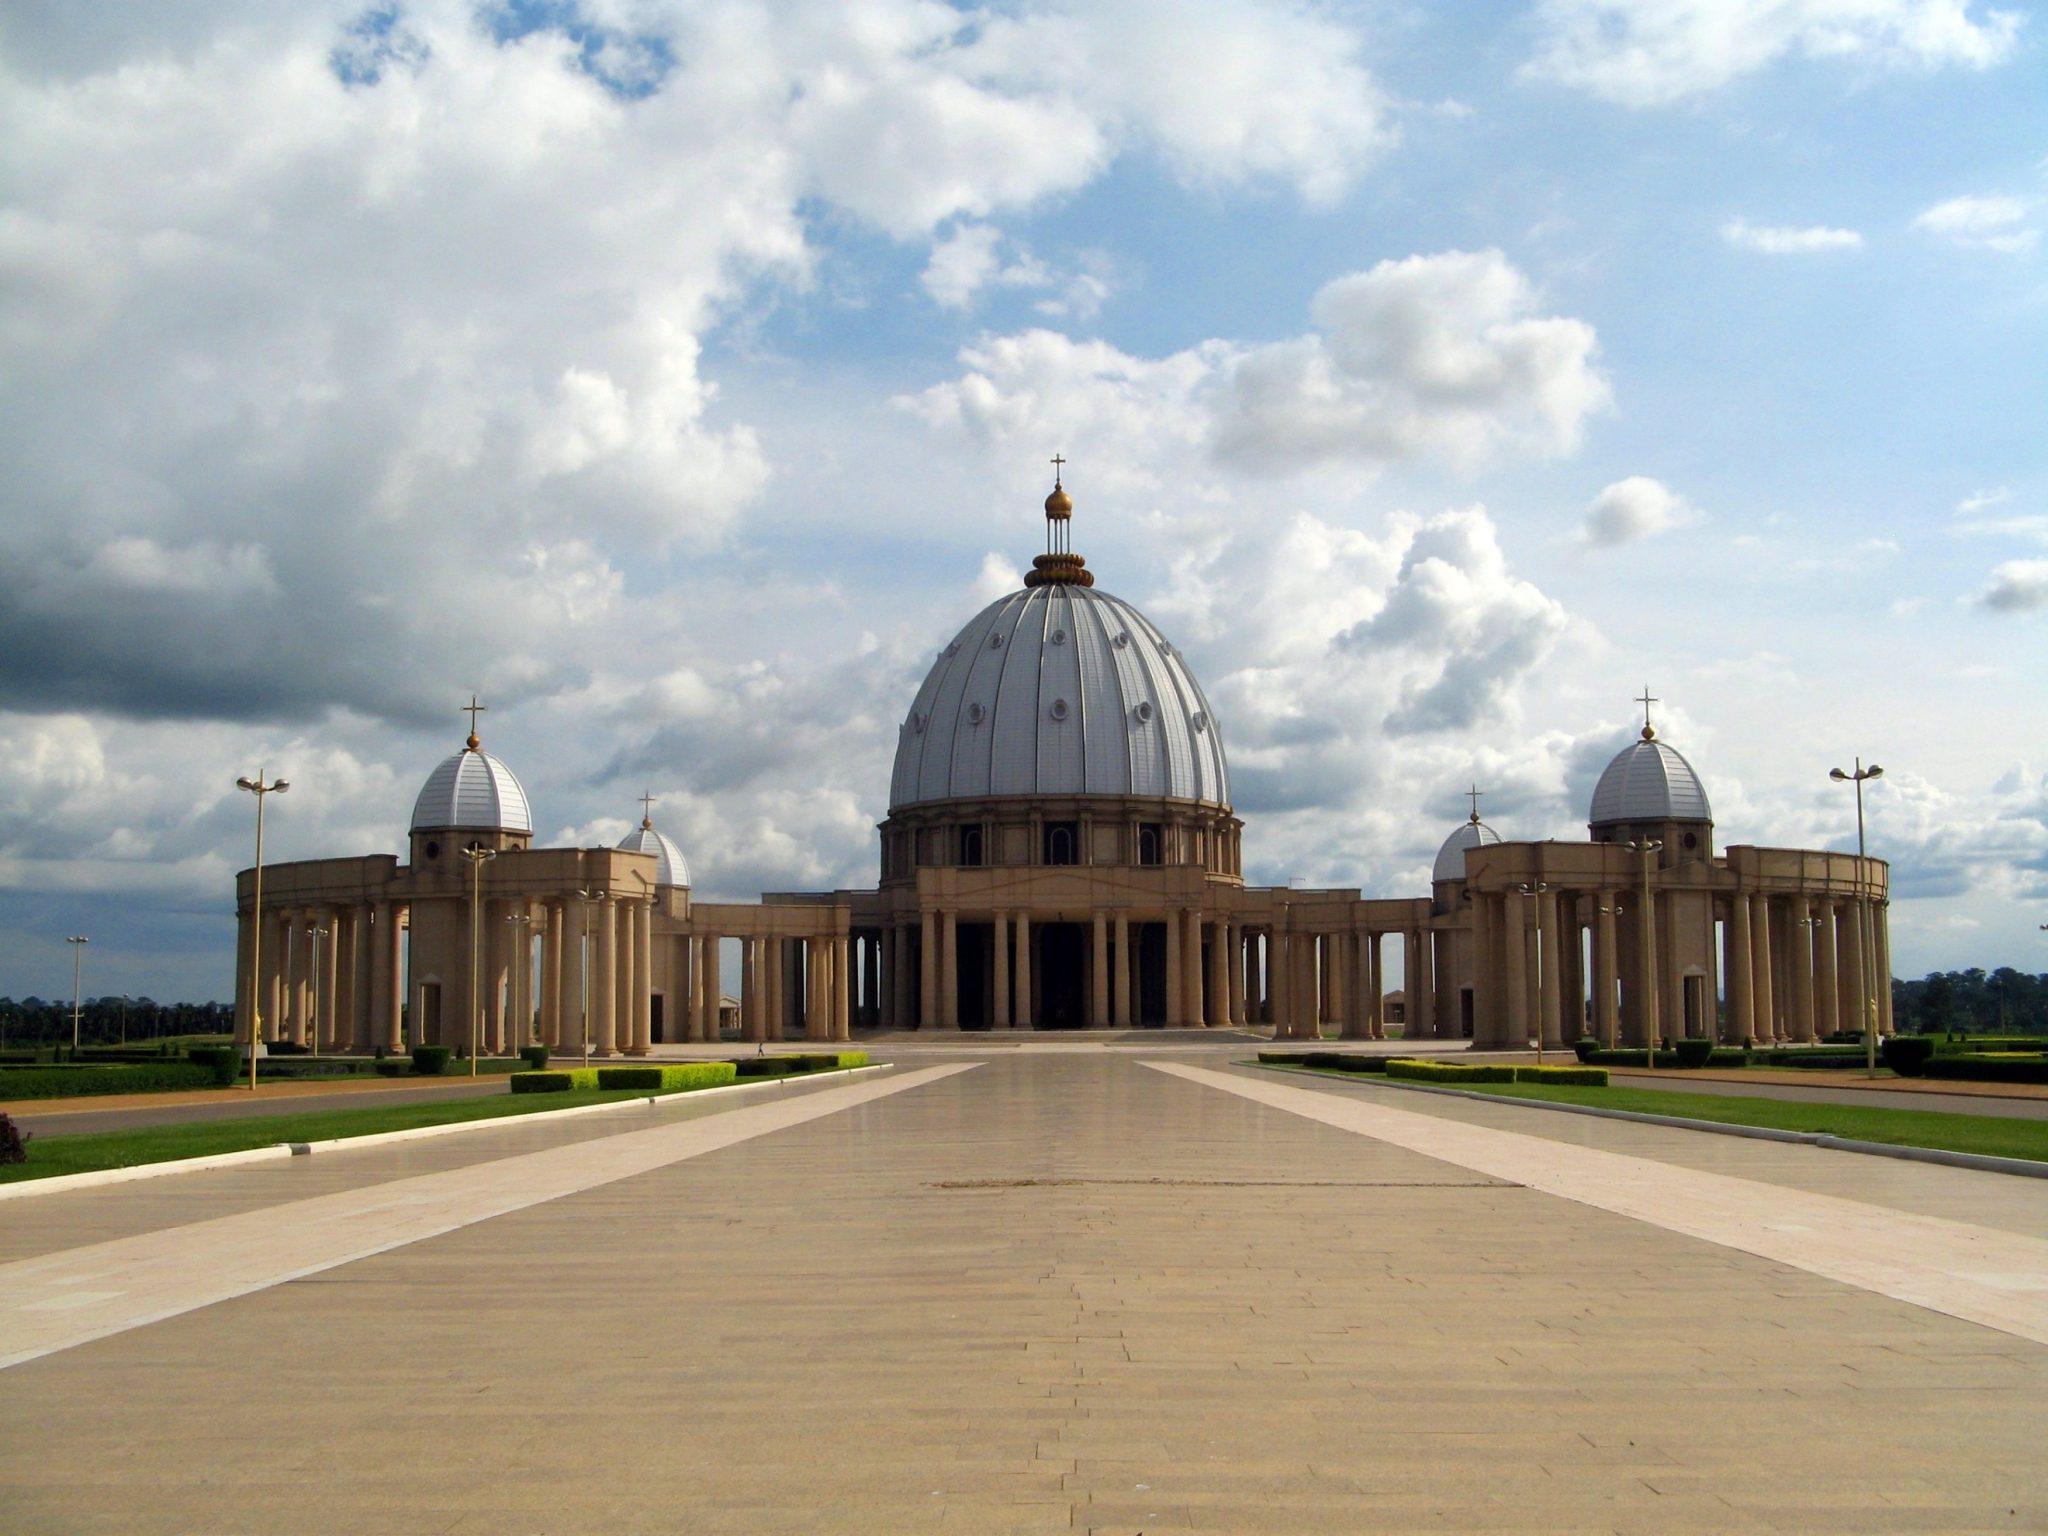 La Basilique Notre Dame de la paix